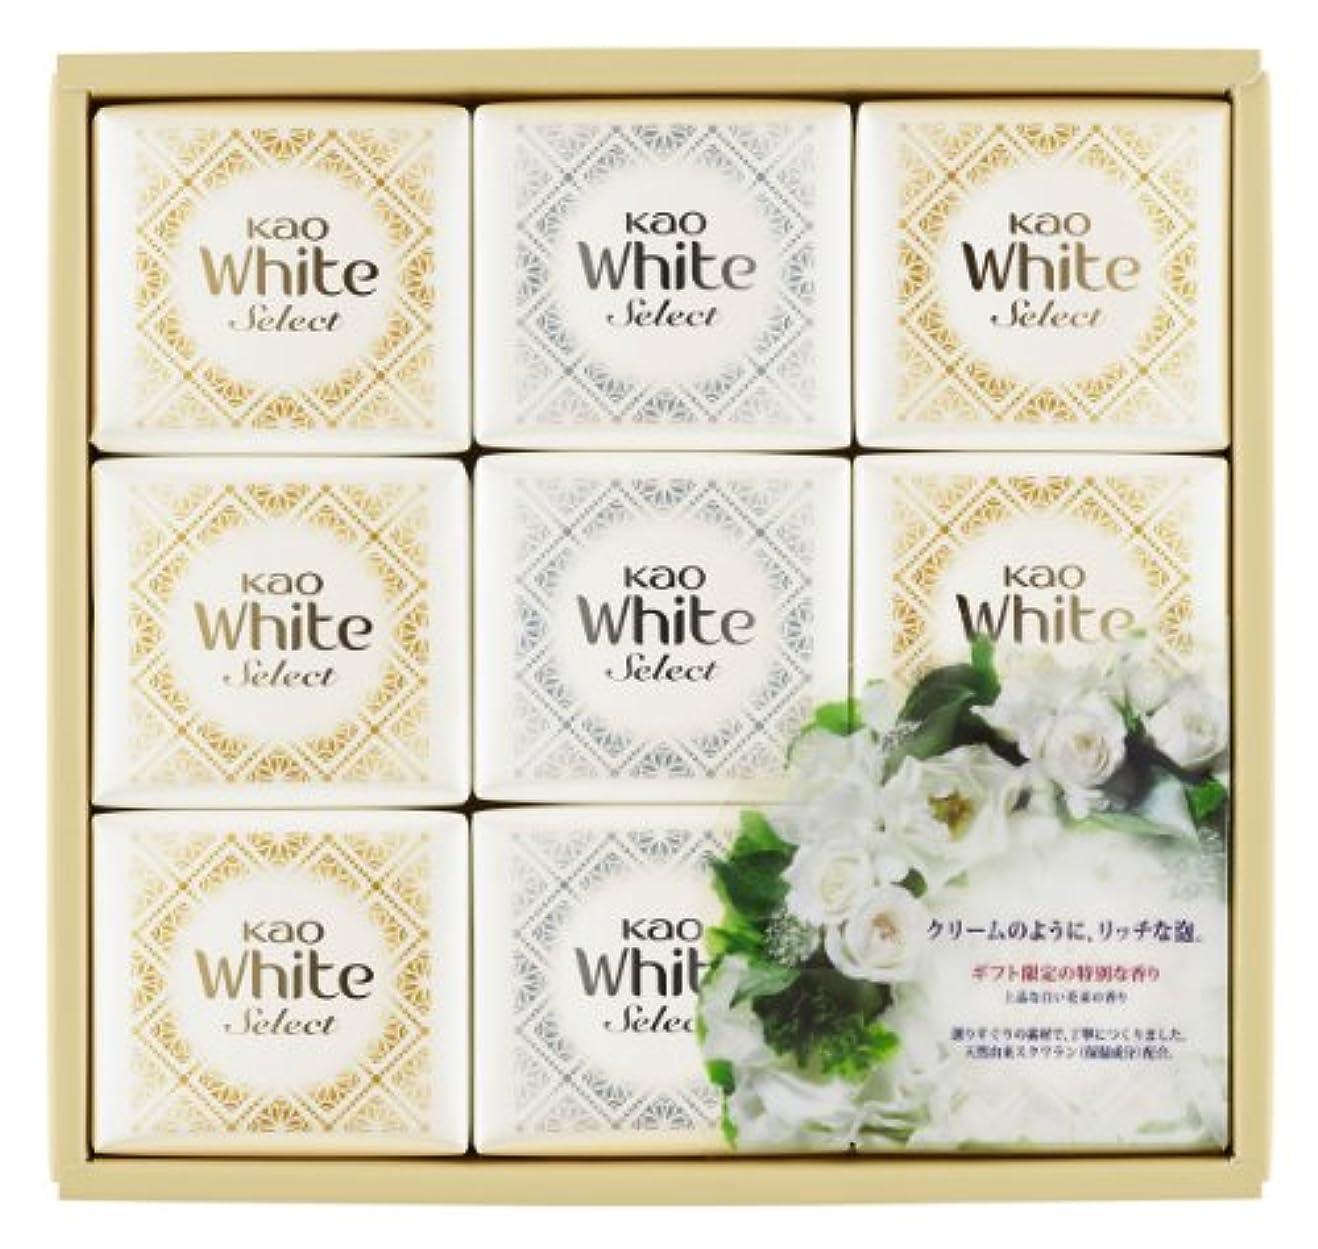 葉方向締める花王ホワイト セレクト 上品な白い花束の香り 85g 9コ K?WS-15